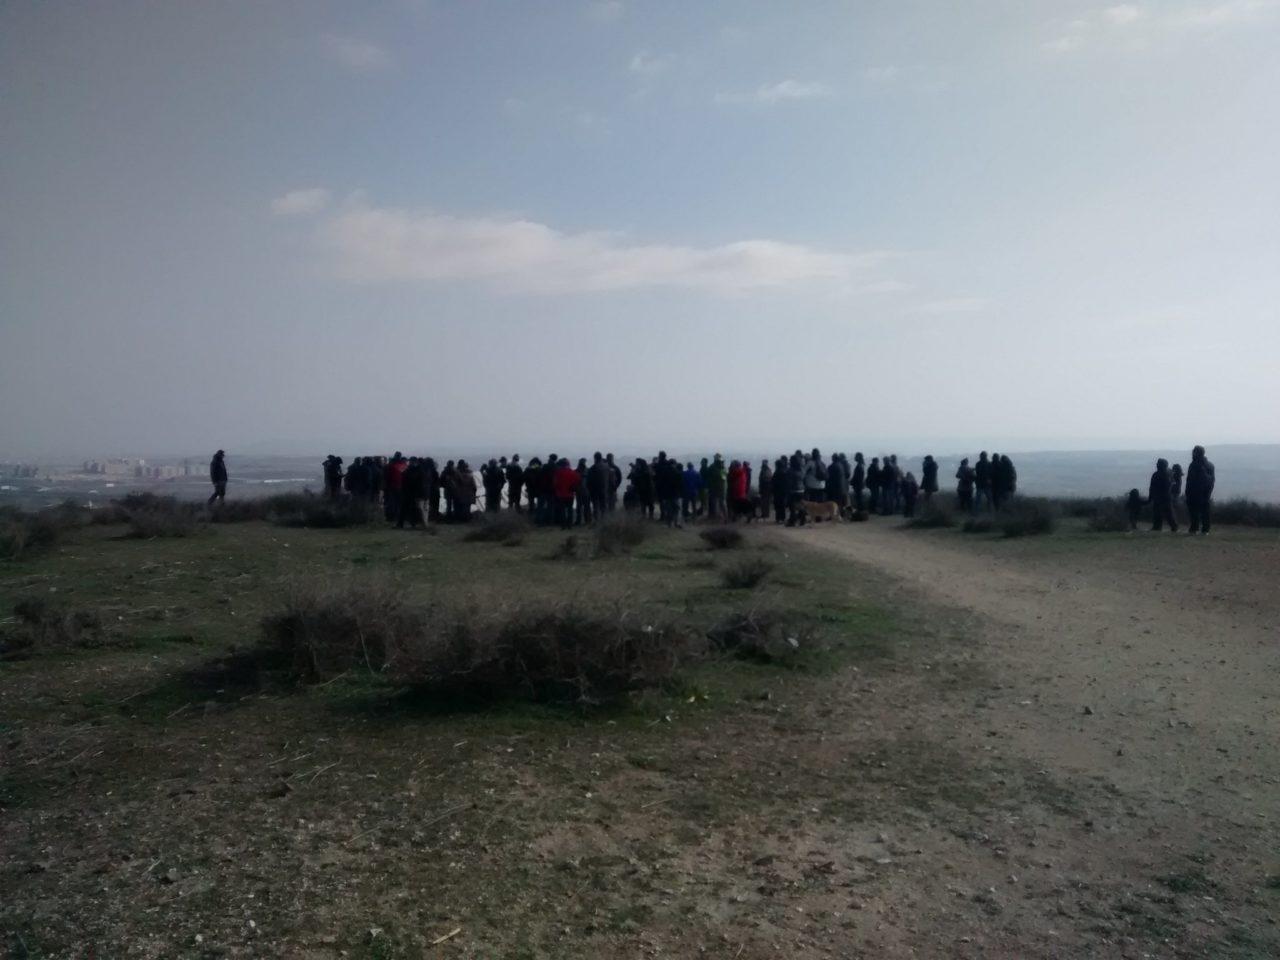 La ciudadanía abrirá un proceso participativo sobre la Ley del Suelo a pesar del Gobierno de Cifuentes